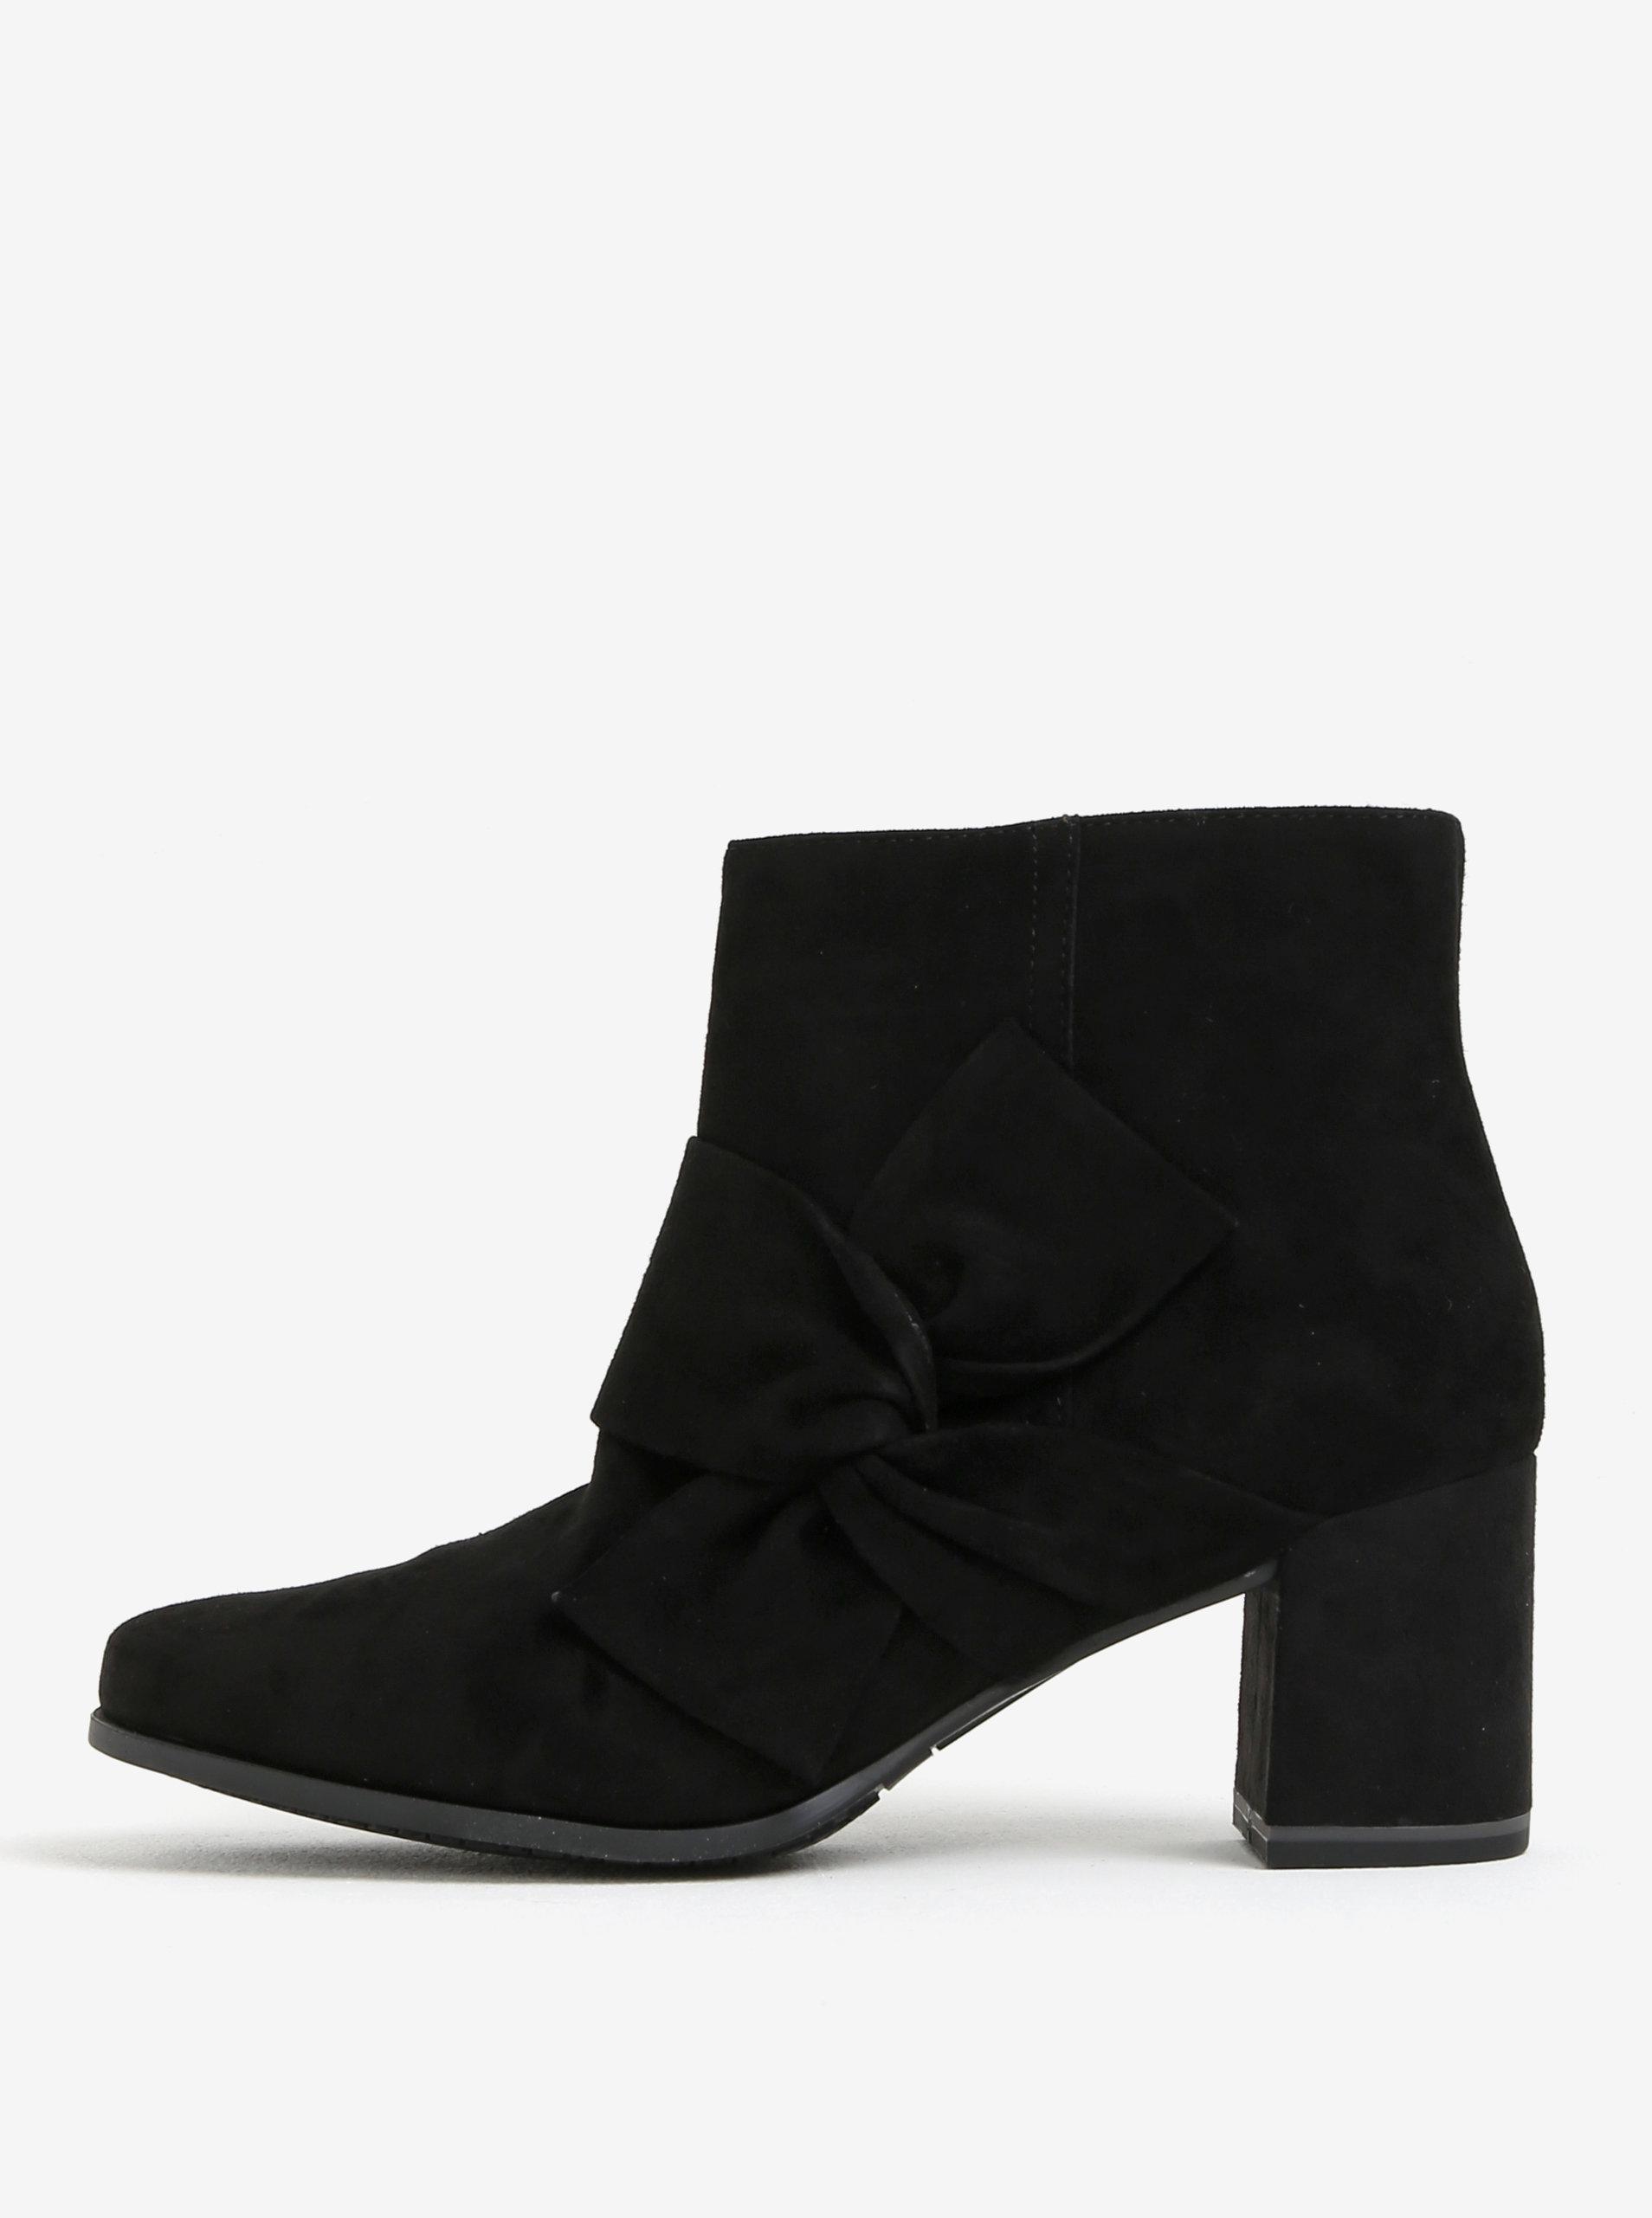 Černé semišové kotníkové boty s mašlí Tamaris ... 0ad6f06d4c